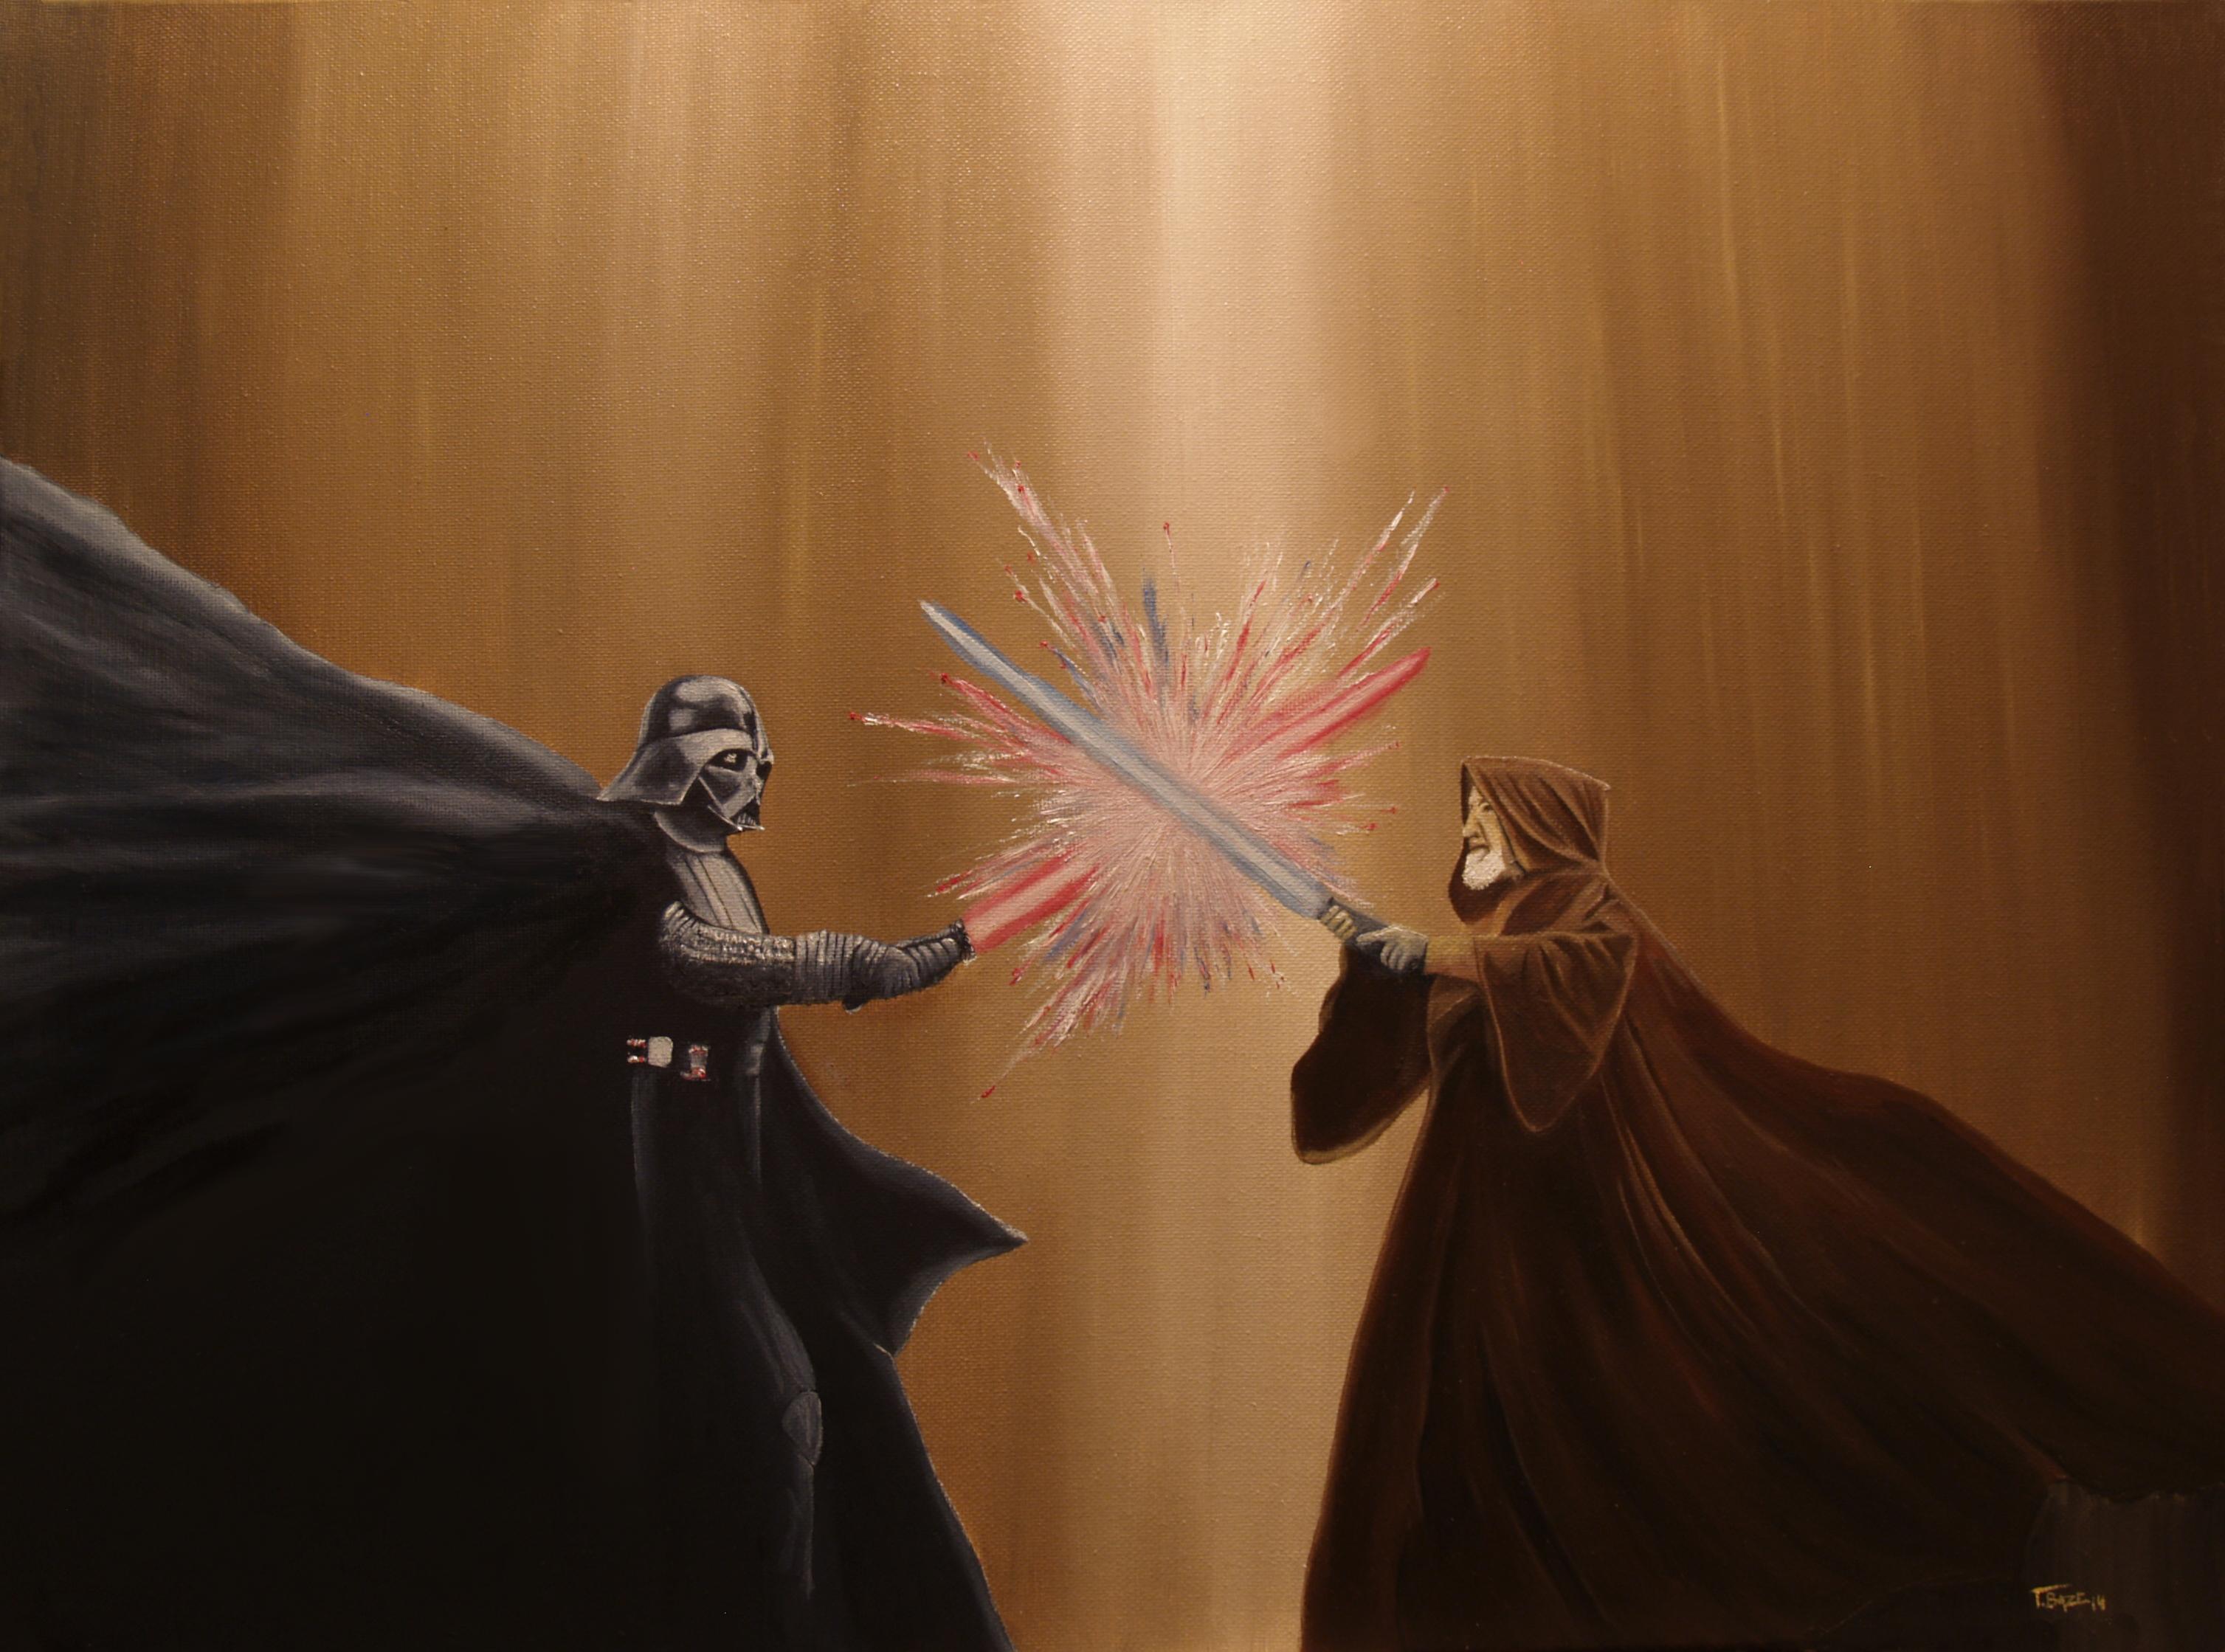 The Last Battle Darth Vader Obi Wan Star Wars Hd Movies 4k